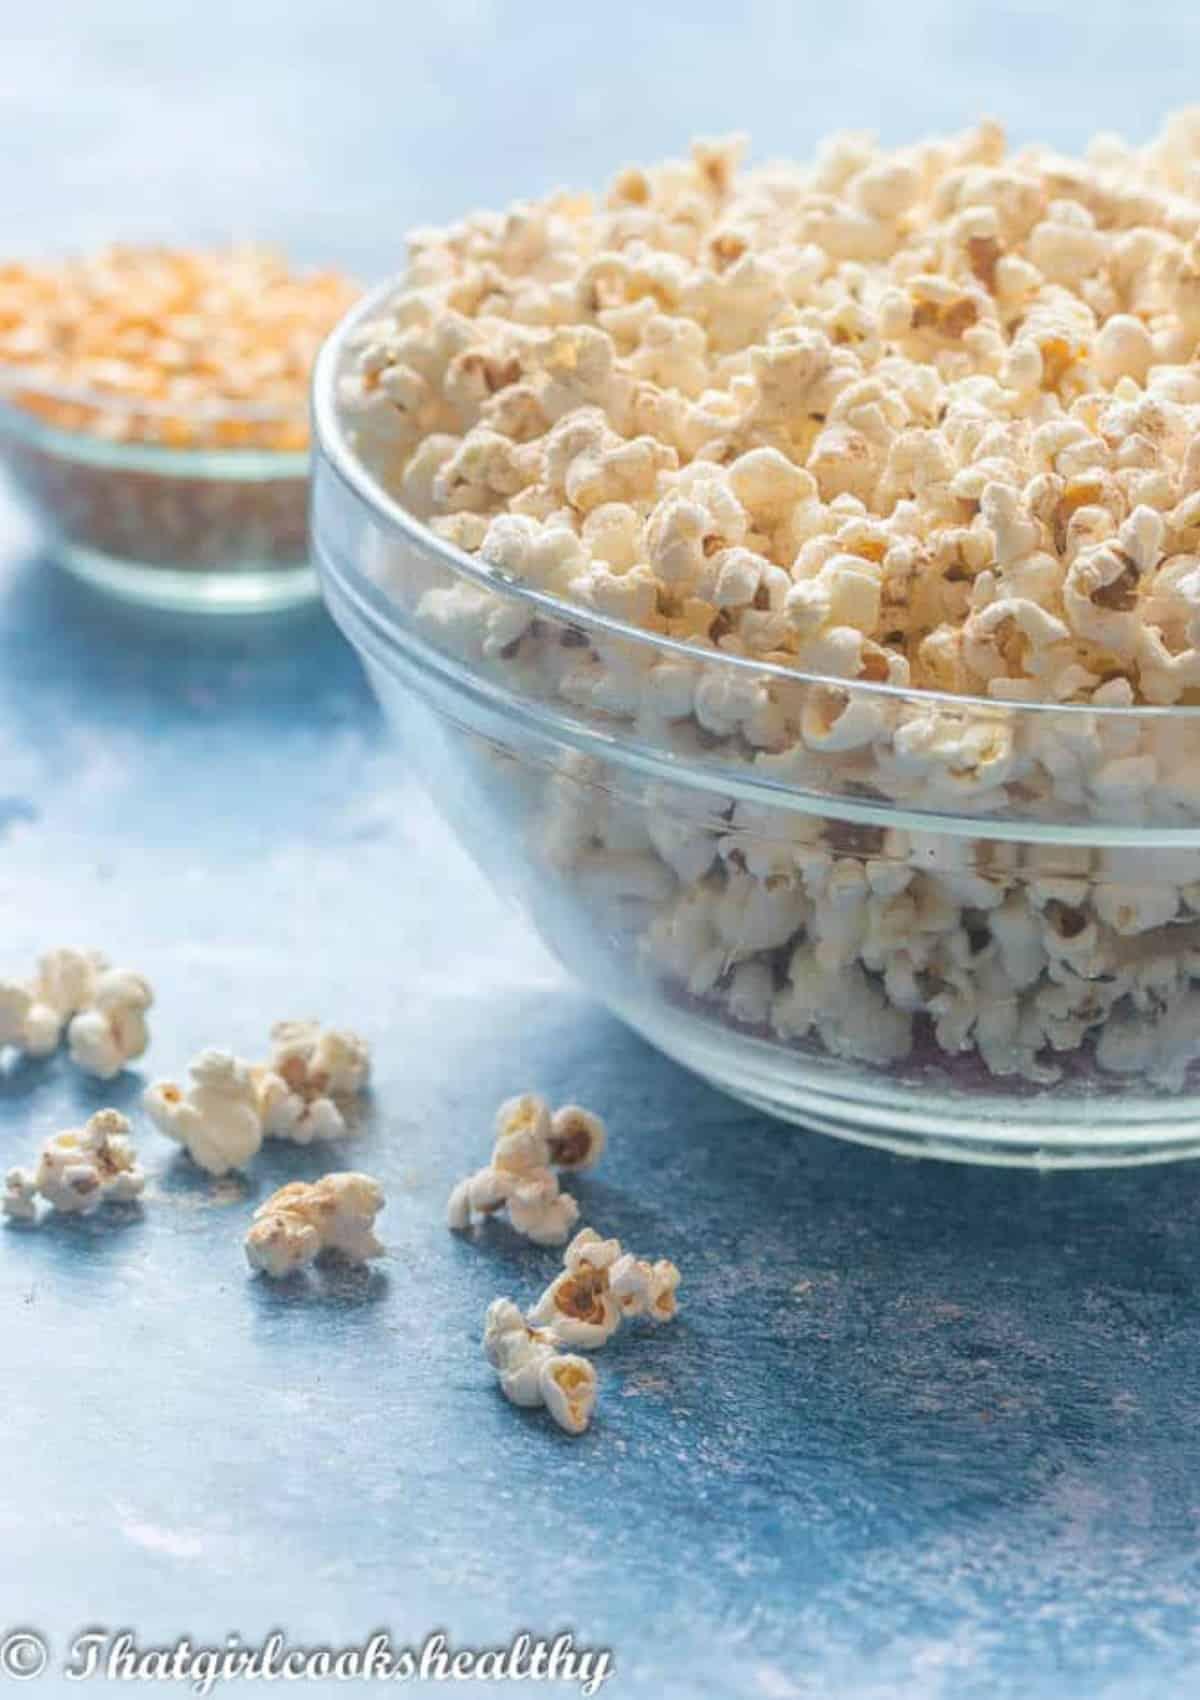 popcorn with random scattered kernels